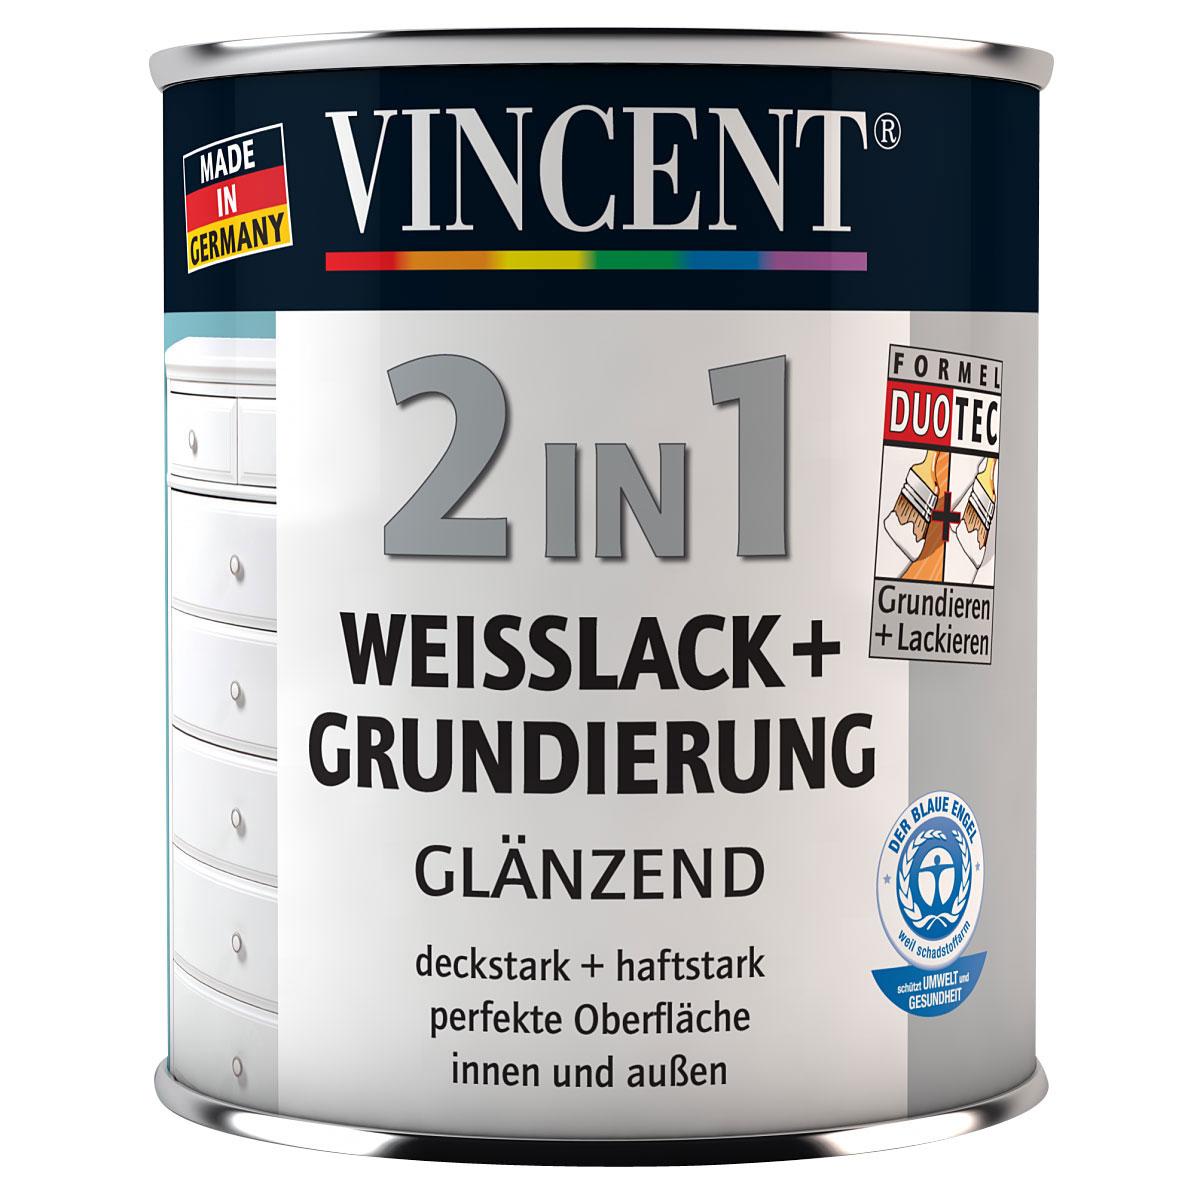 Vincent 2in1 Weisslack + Grundierung